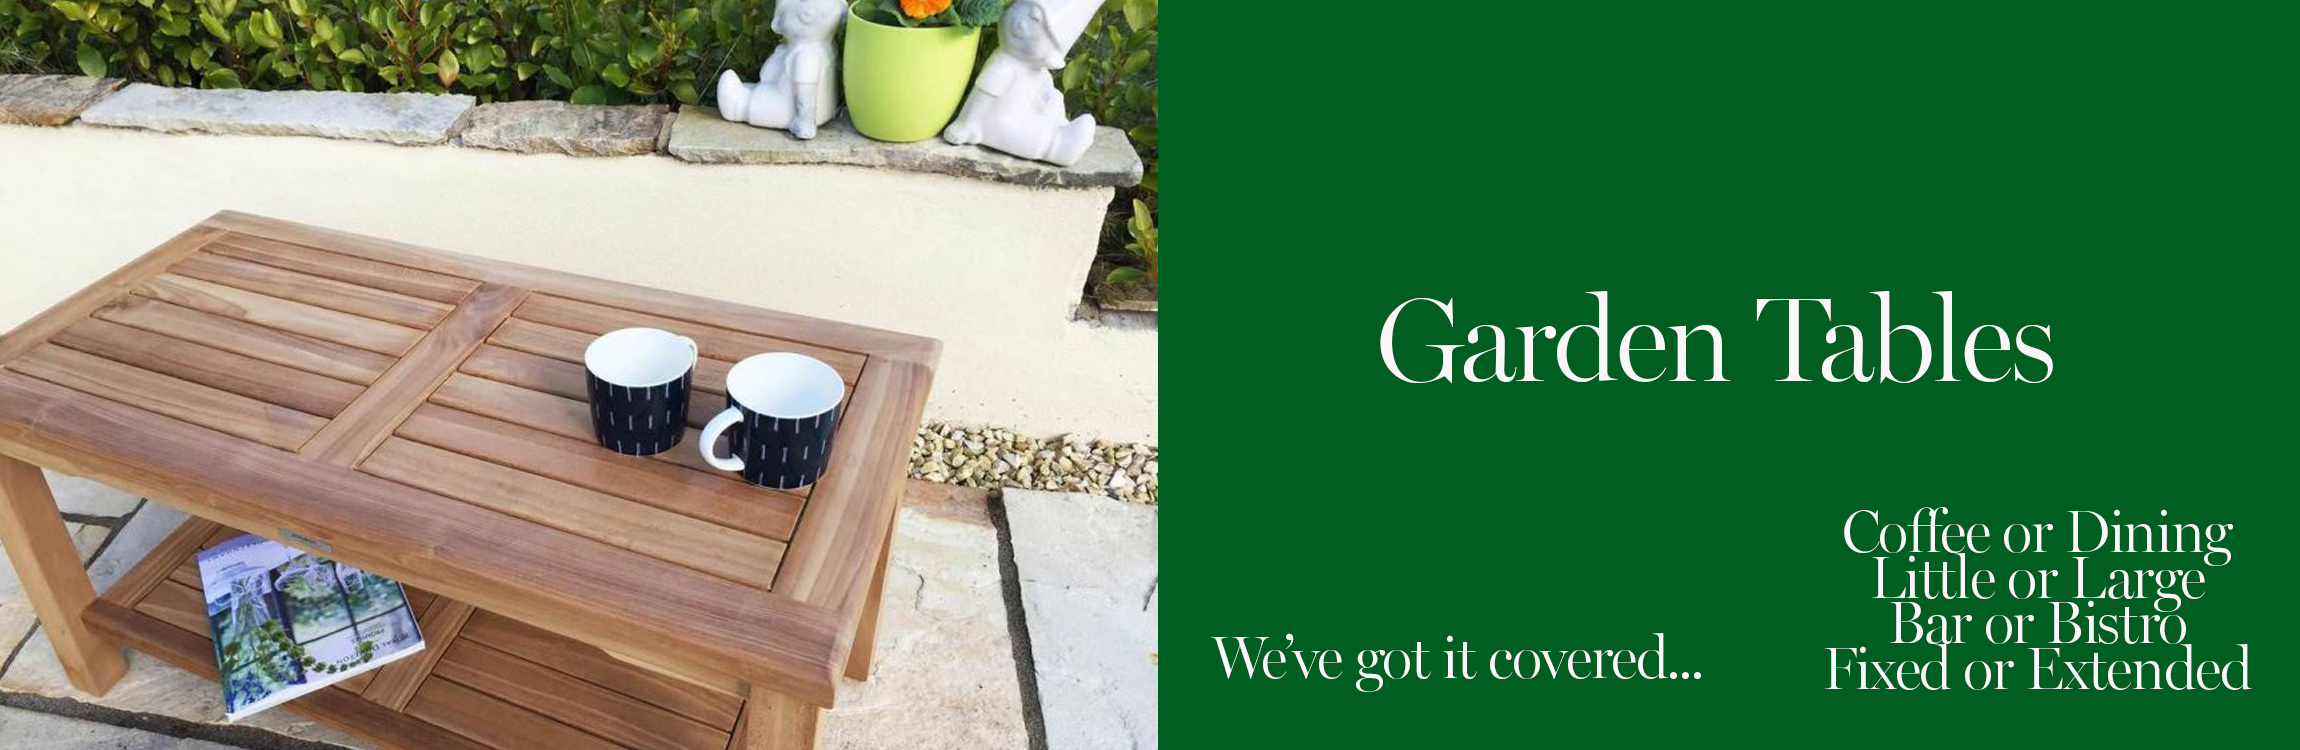 Garden Tables